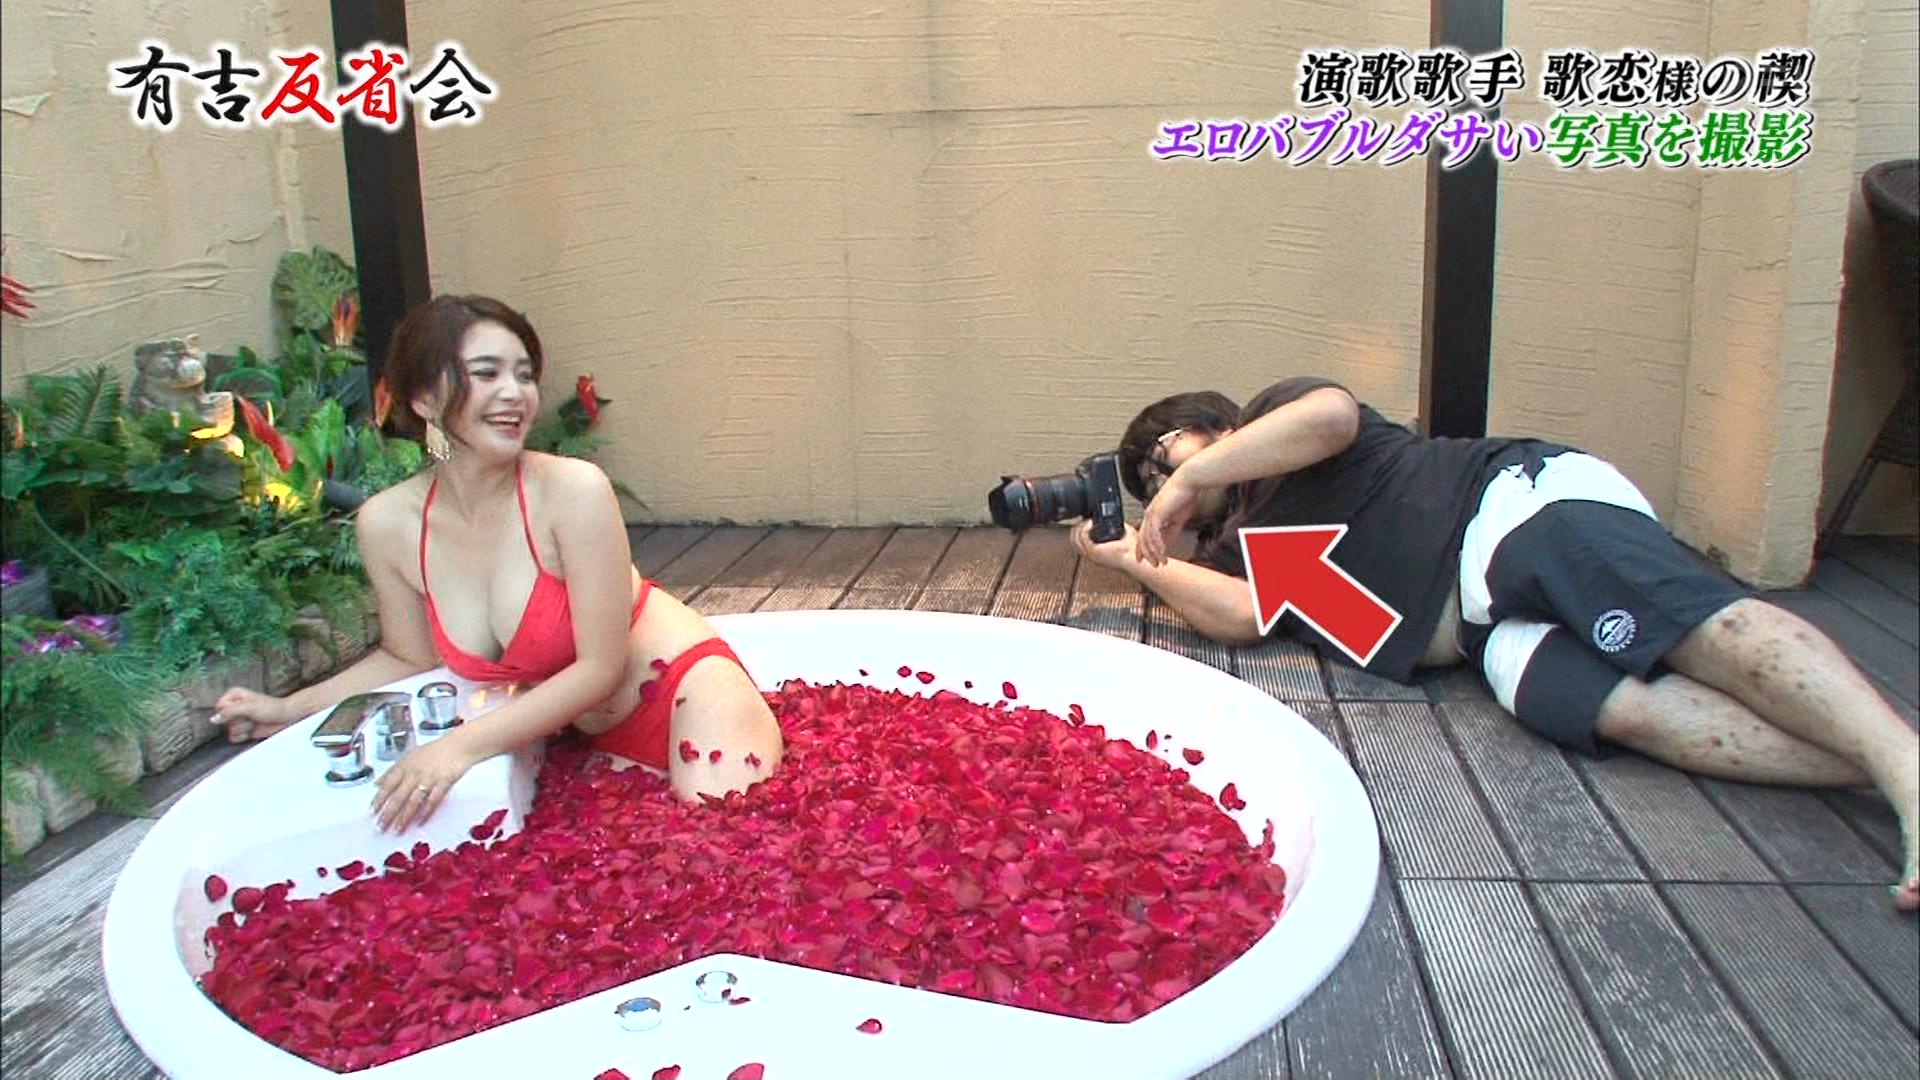 歌恋(24)巨乳演歌歌手の有吉反省会エロキャプ画像33枚・25枚目の画像